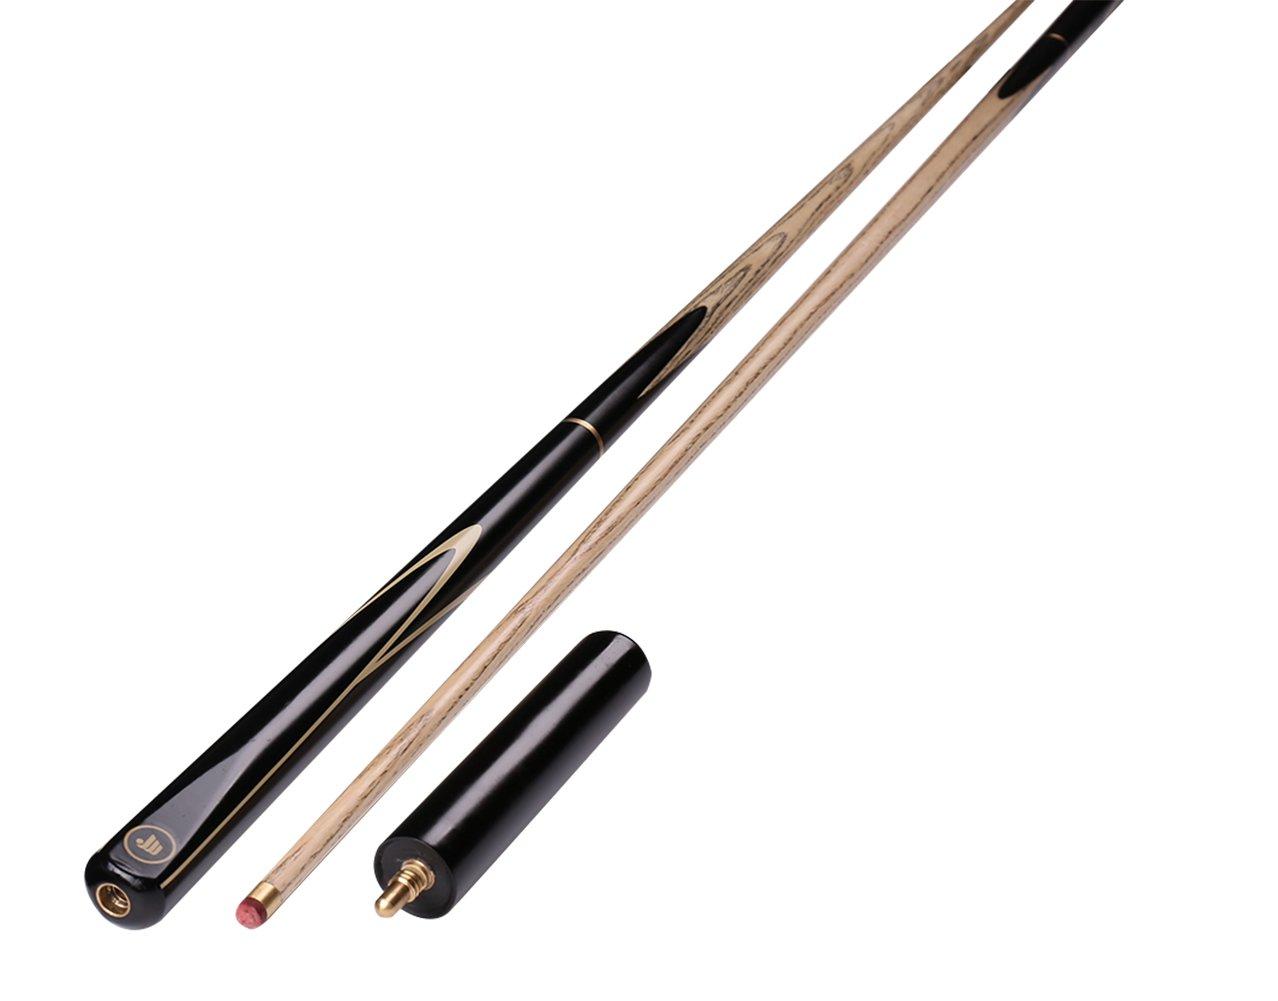 540 g punte da 9,7 mm Ommda Stecca da biliardo in legno di frassino 145 cm donna con custodia attacco 3//4 ASH SD20